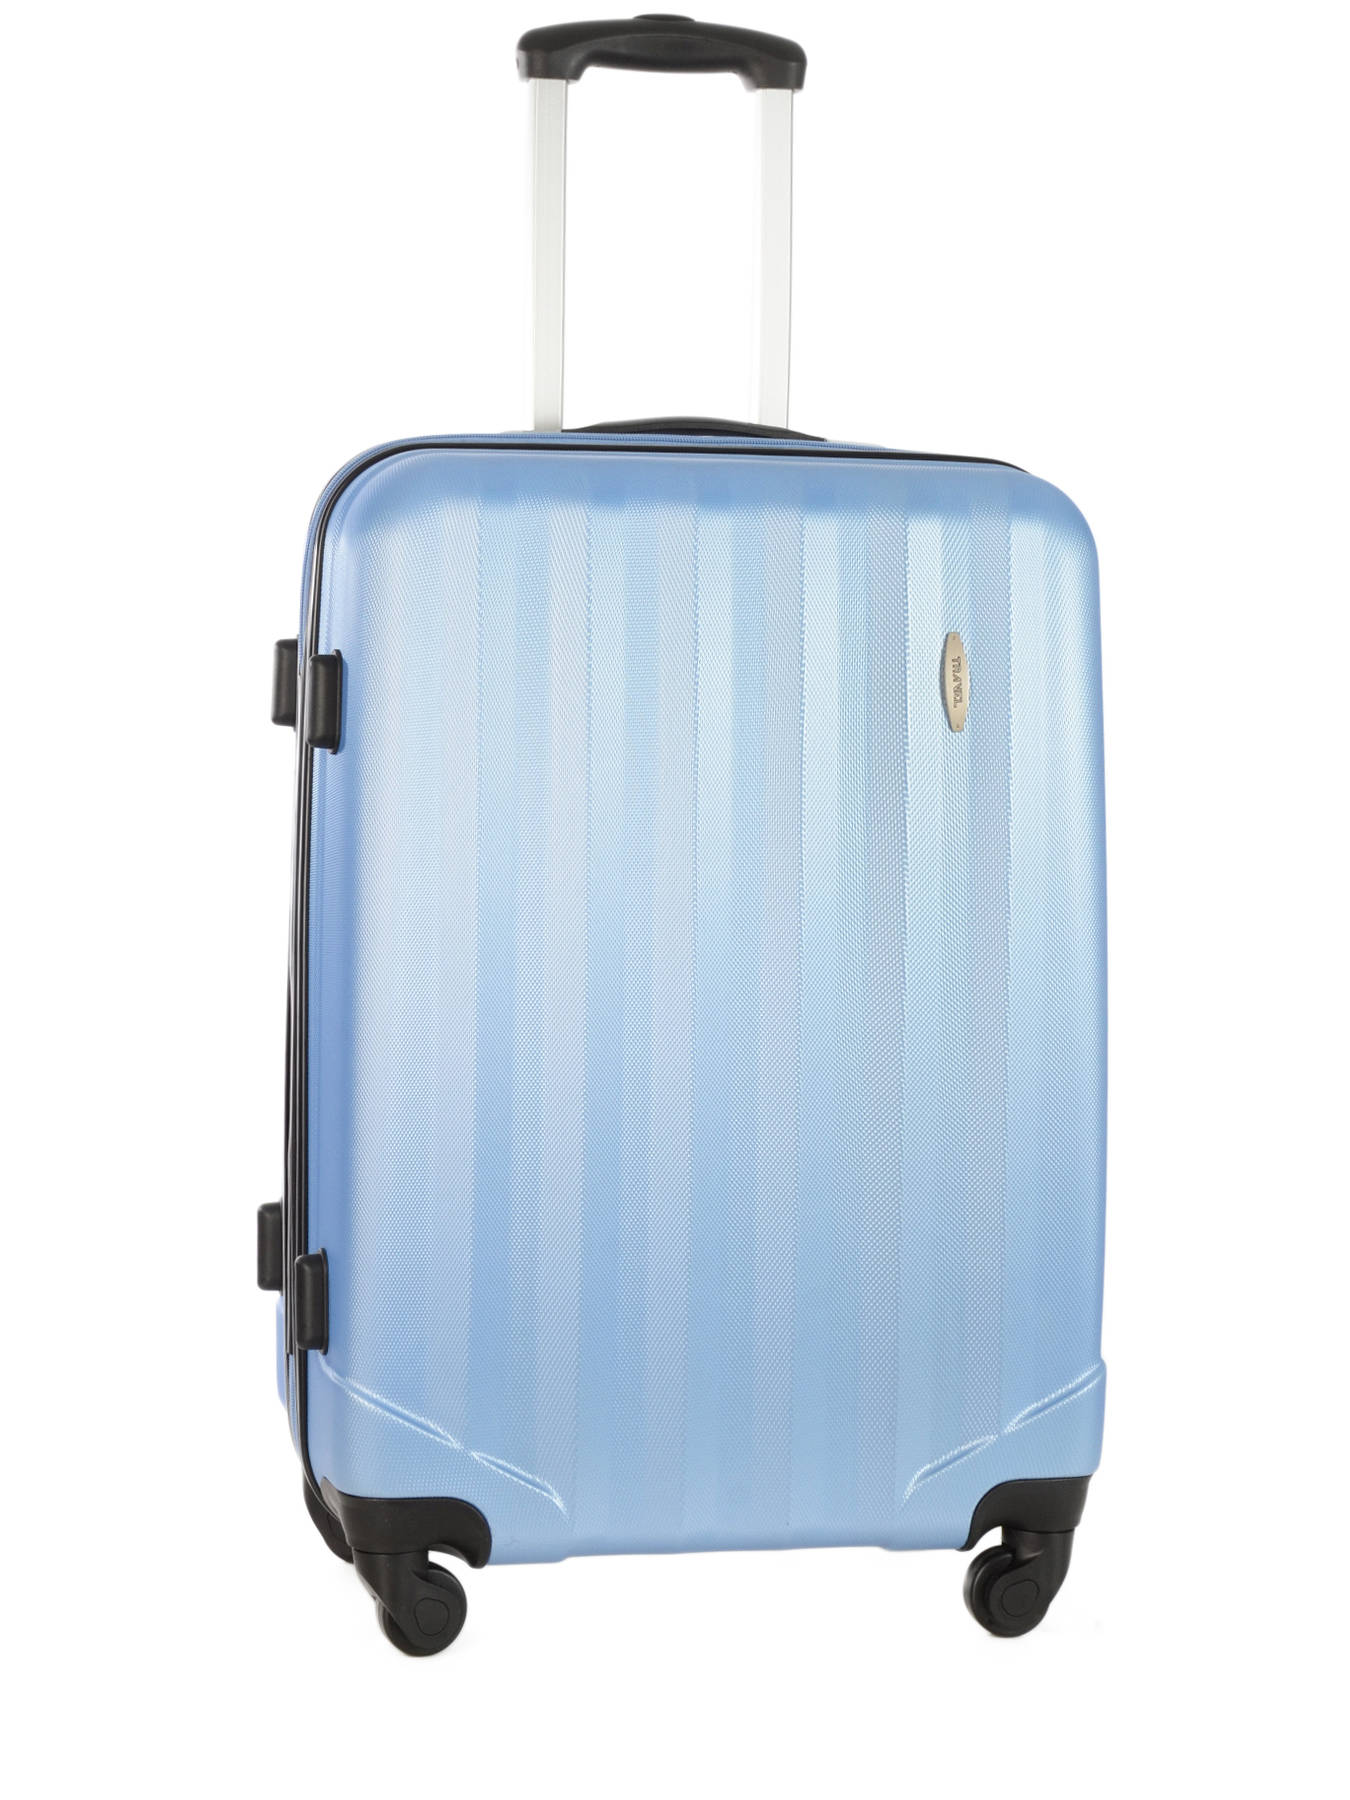 lot de valises travel barcelone barcelone sur. Black Bedroom Furniture Sets. Home Design Ideas